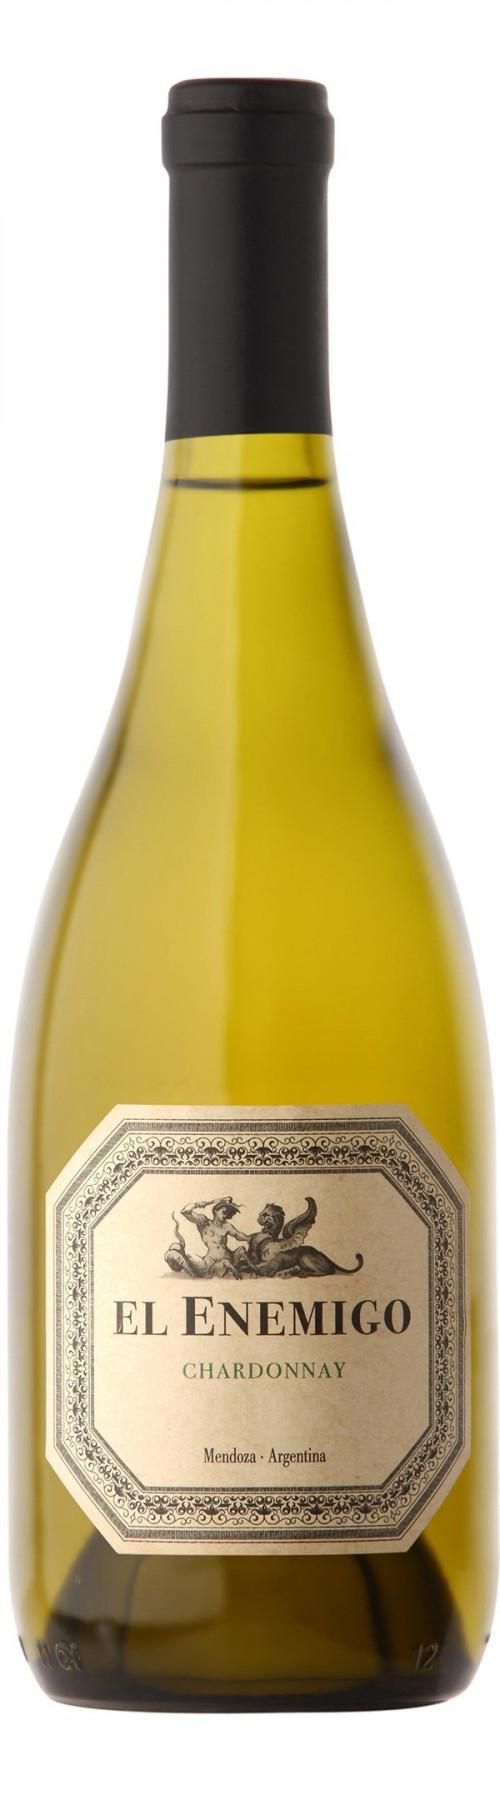 2018 El Enemigo Chardonnay 750ml